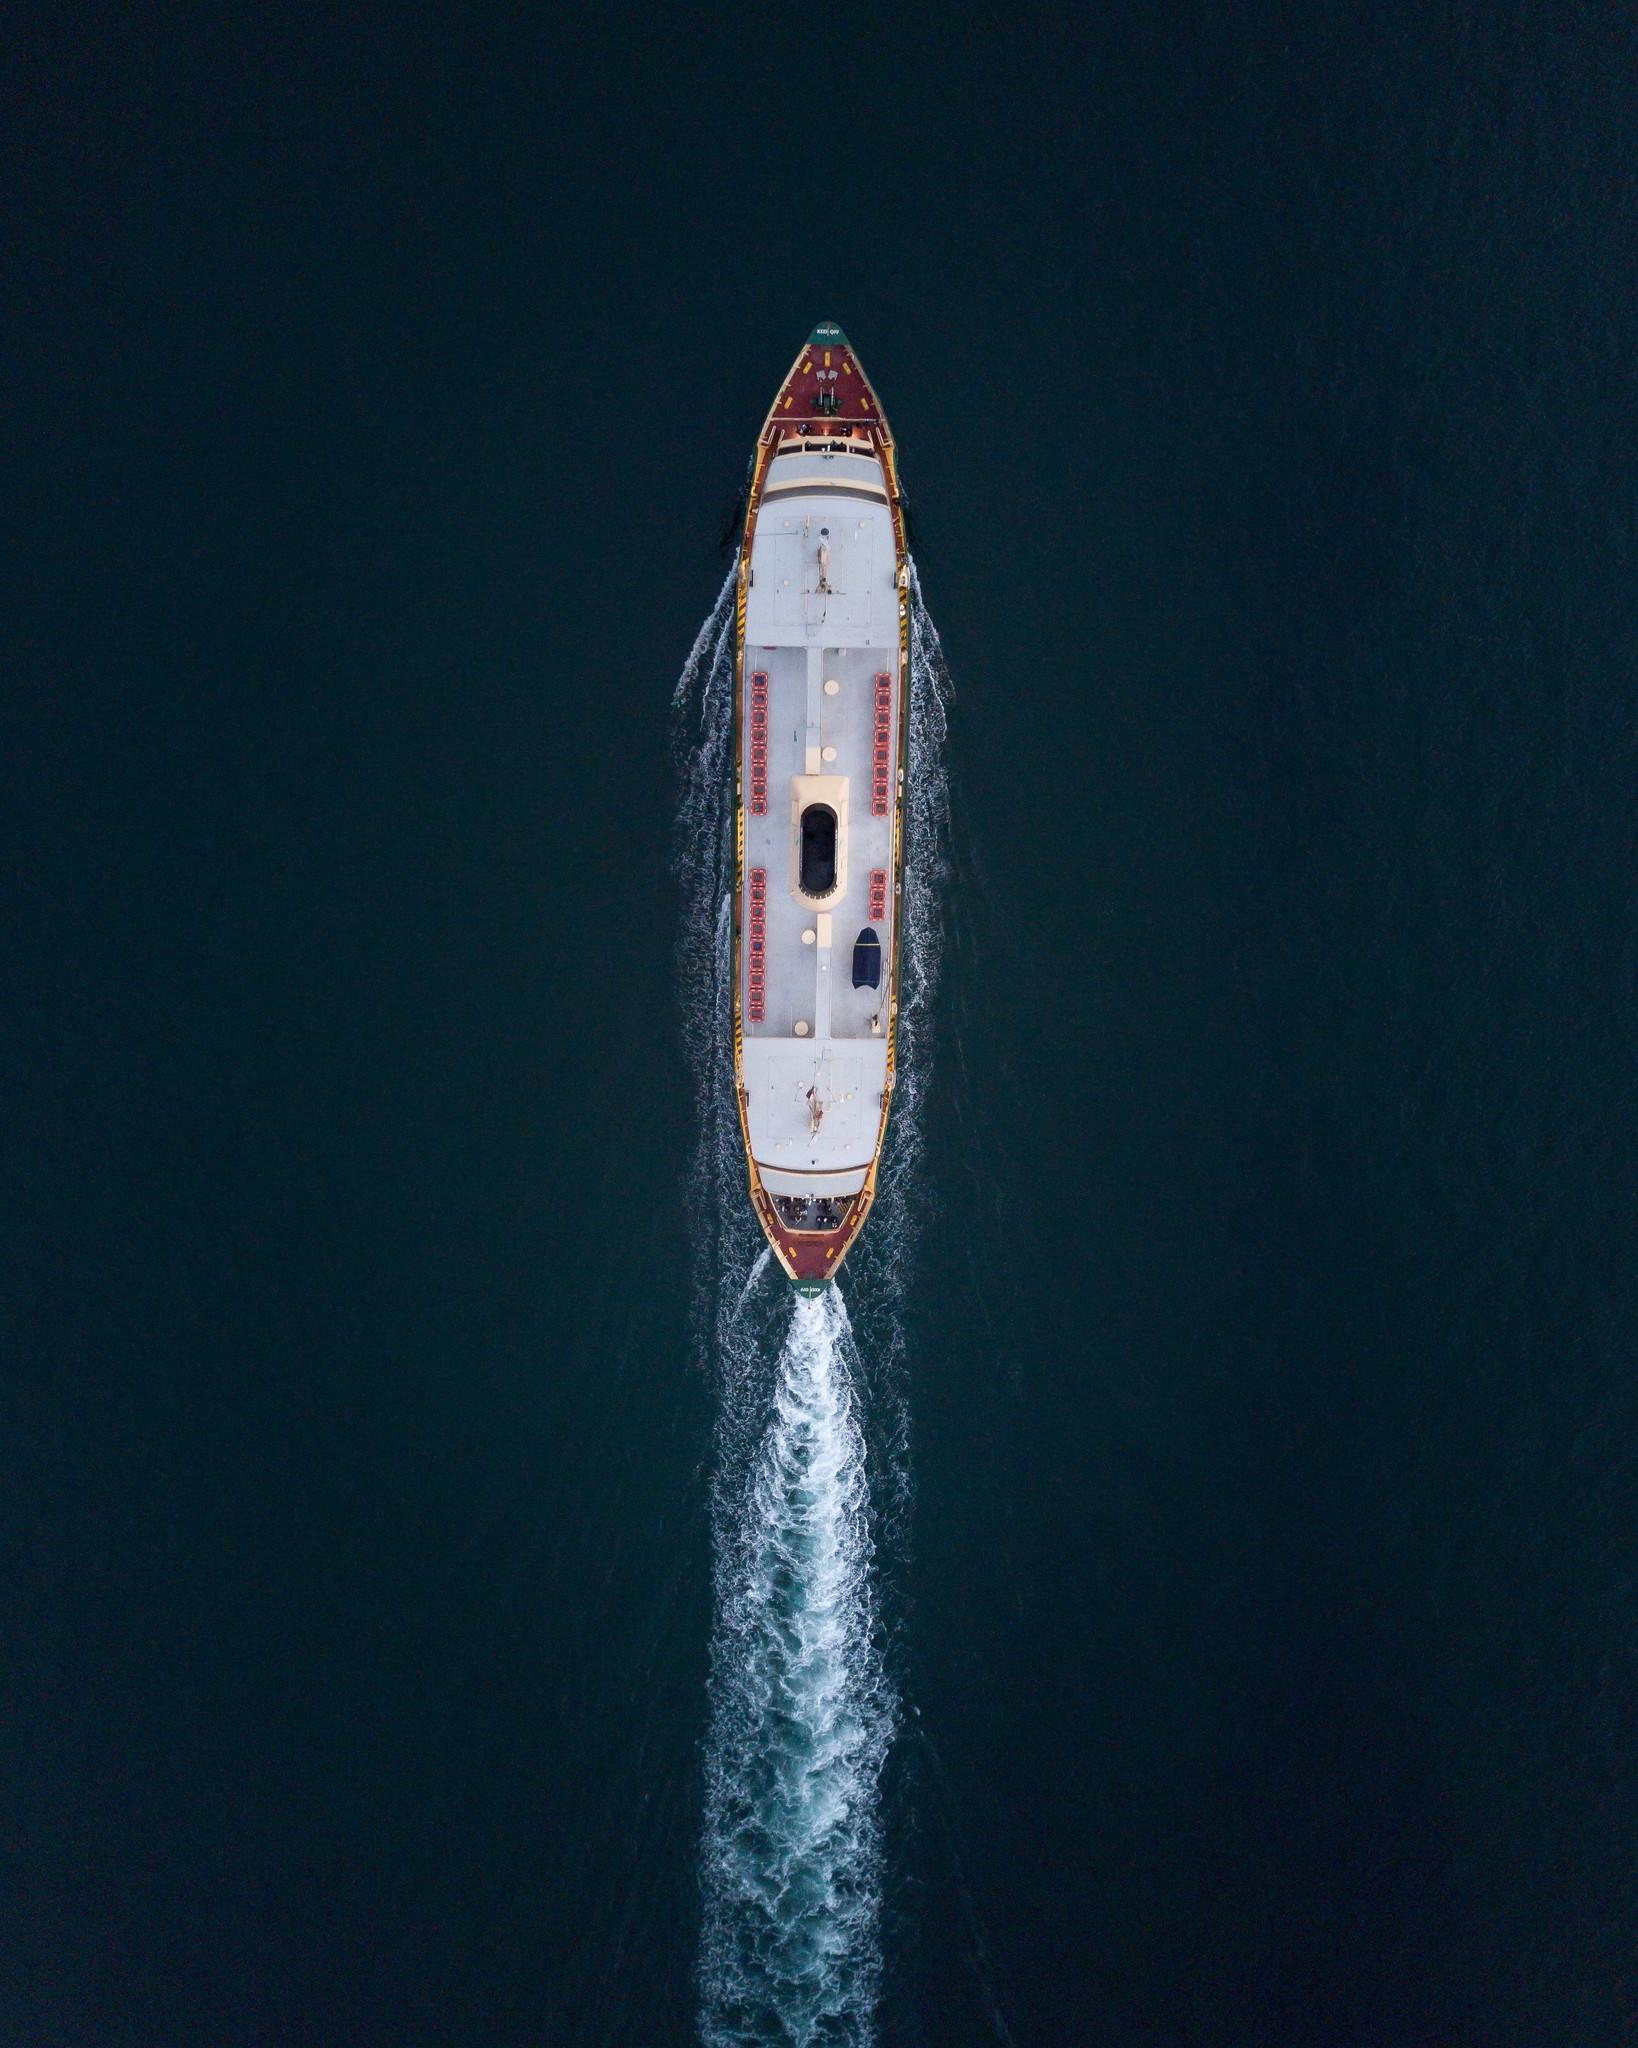 Hoe stijg je op en land je veilig met je drone op een boot?